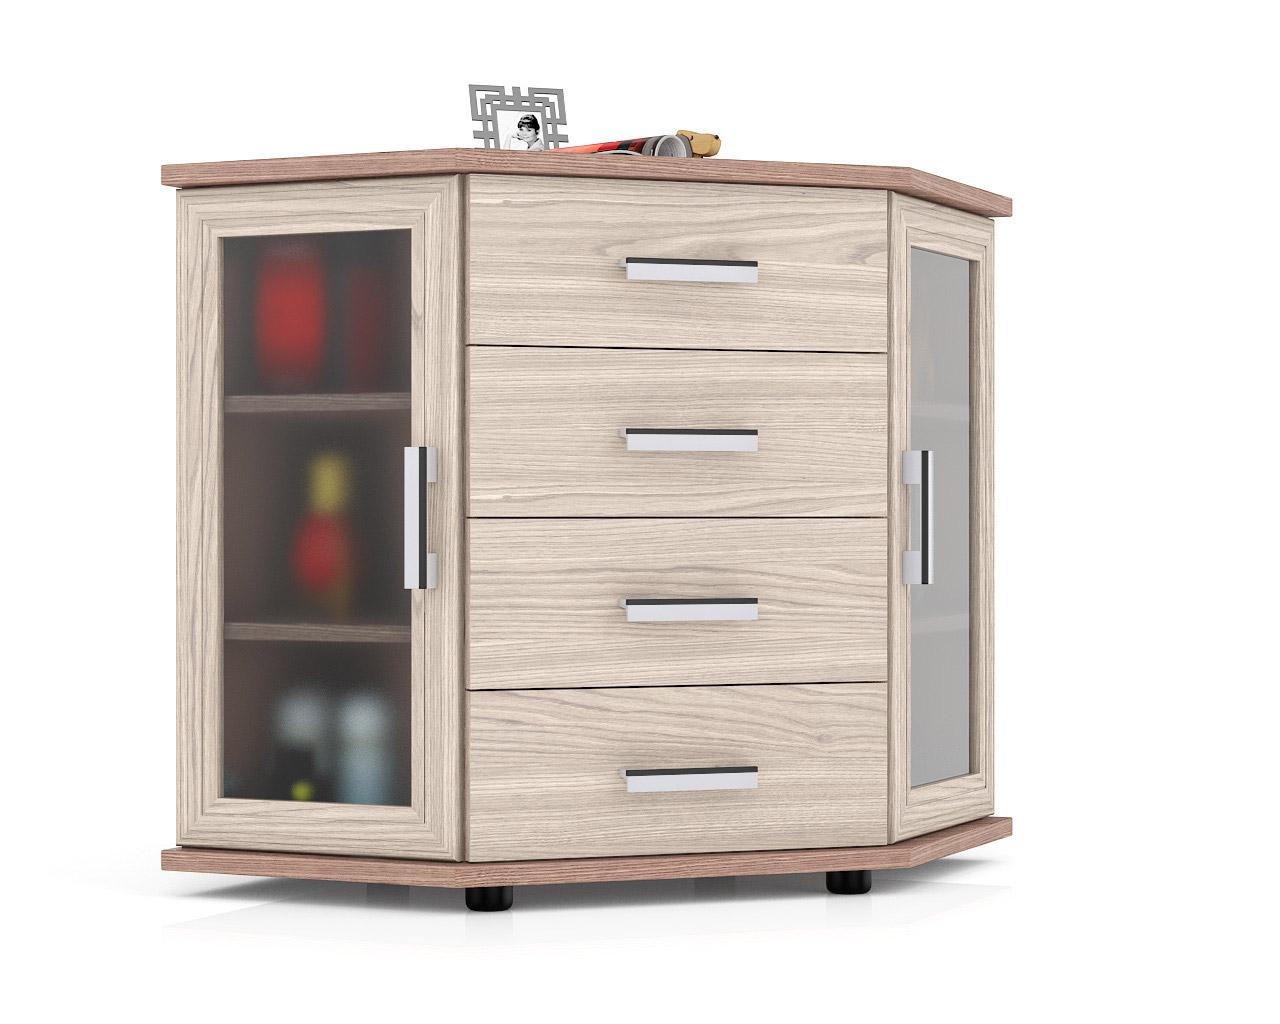 Комод Мебельный Двор К-12Д 102х77х79 см, ясень шимо темный